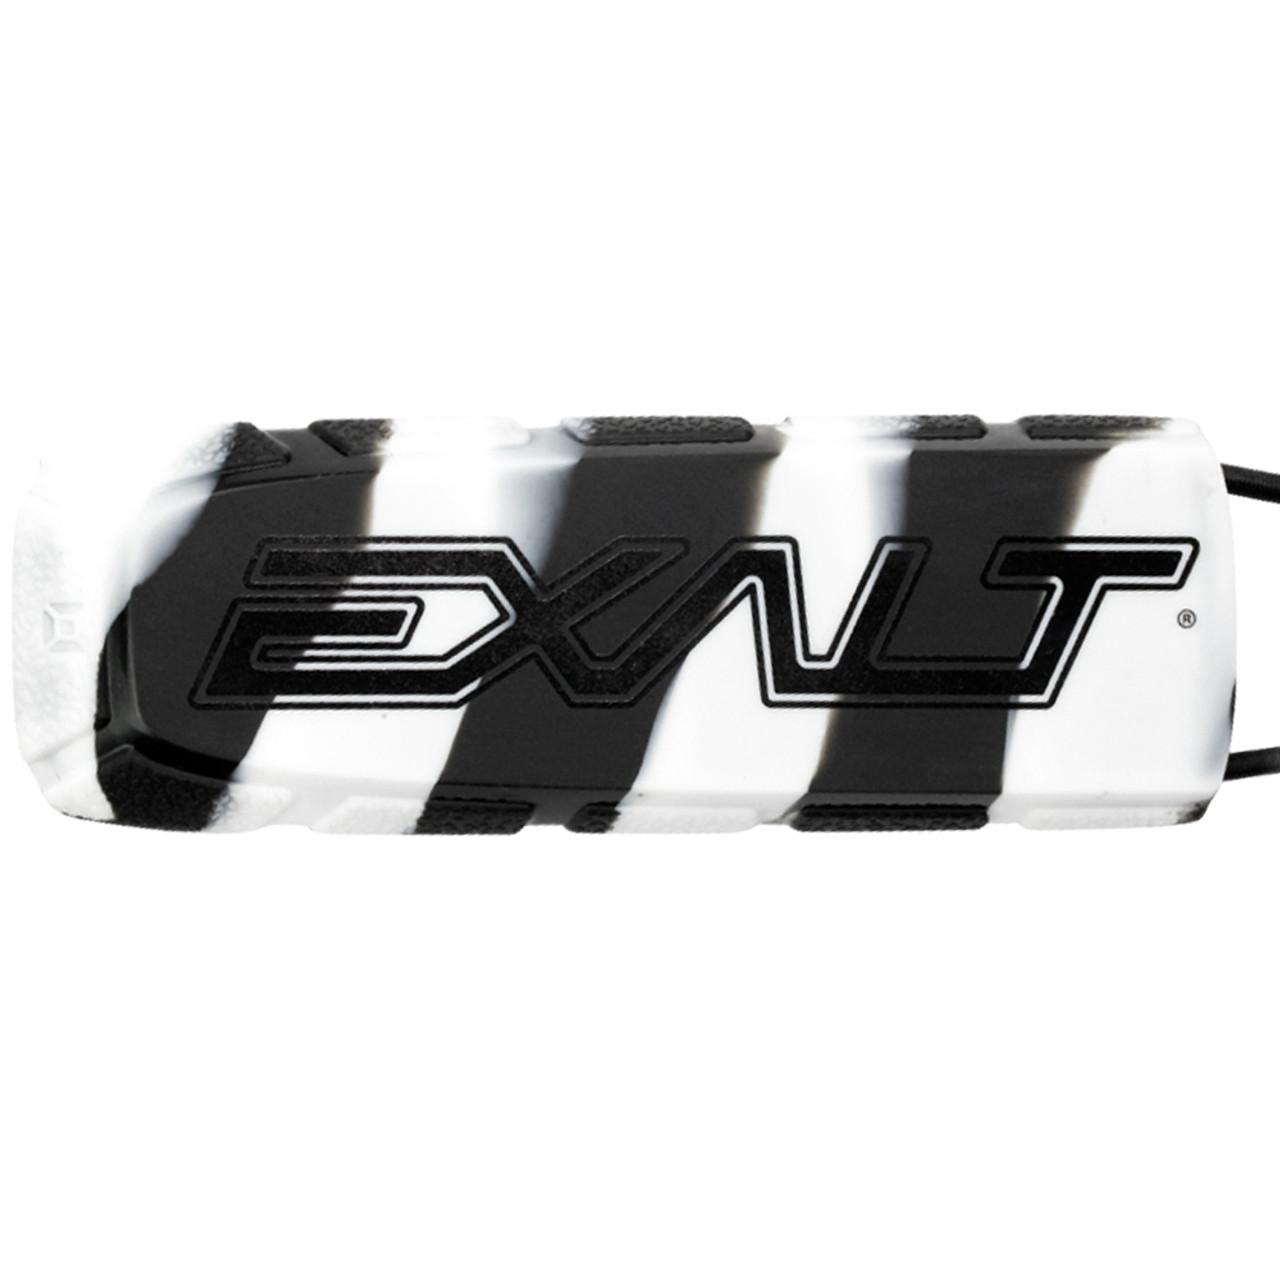 Exalt Bayonet Barrel Cover Zebra